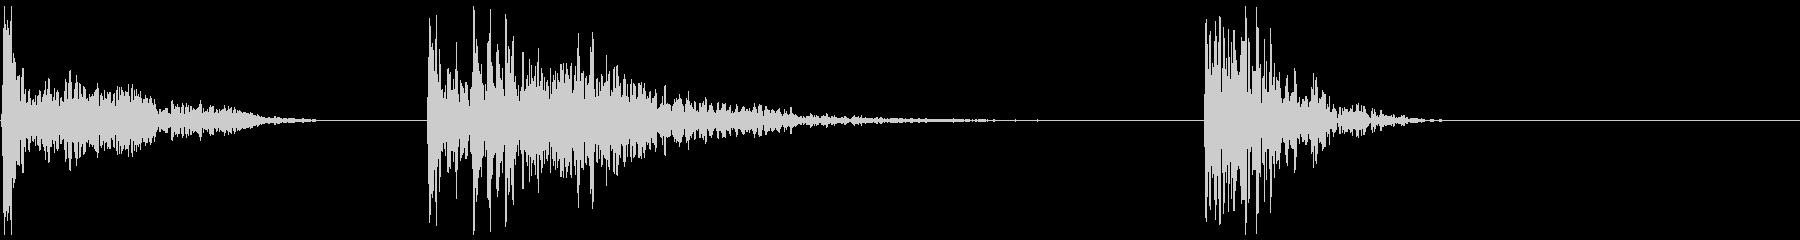 ディープドラム、3種類の未再生の波形